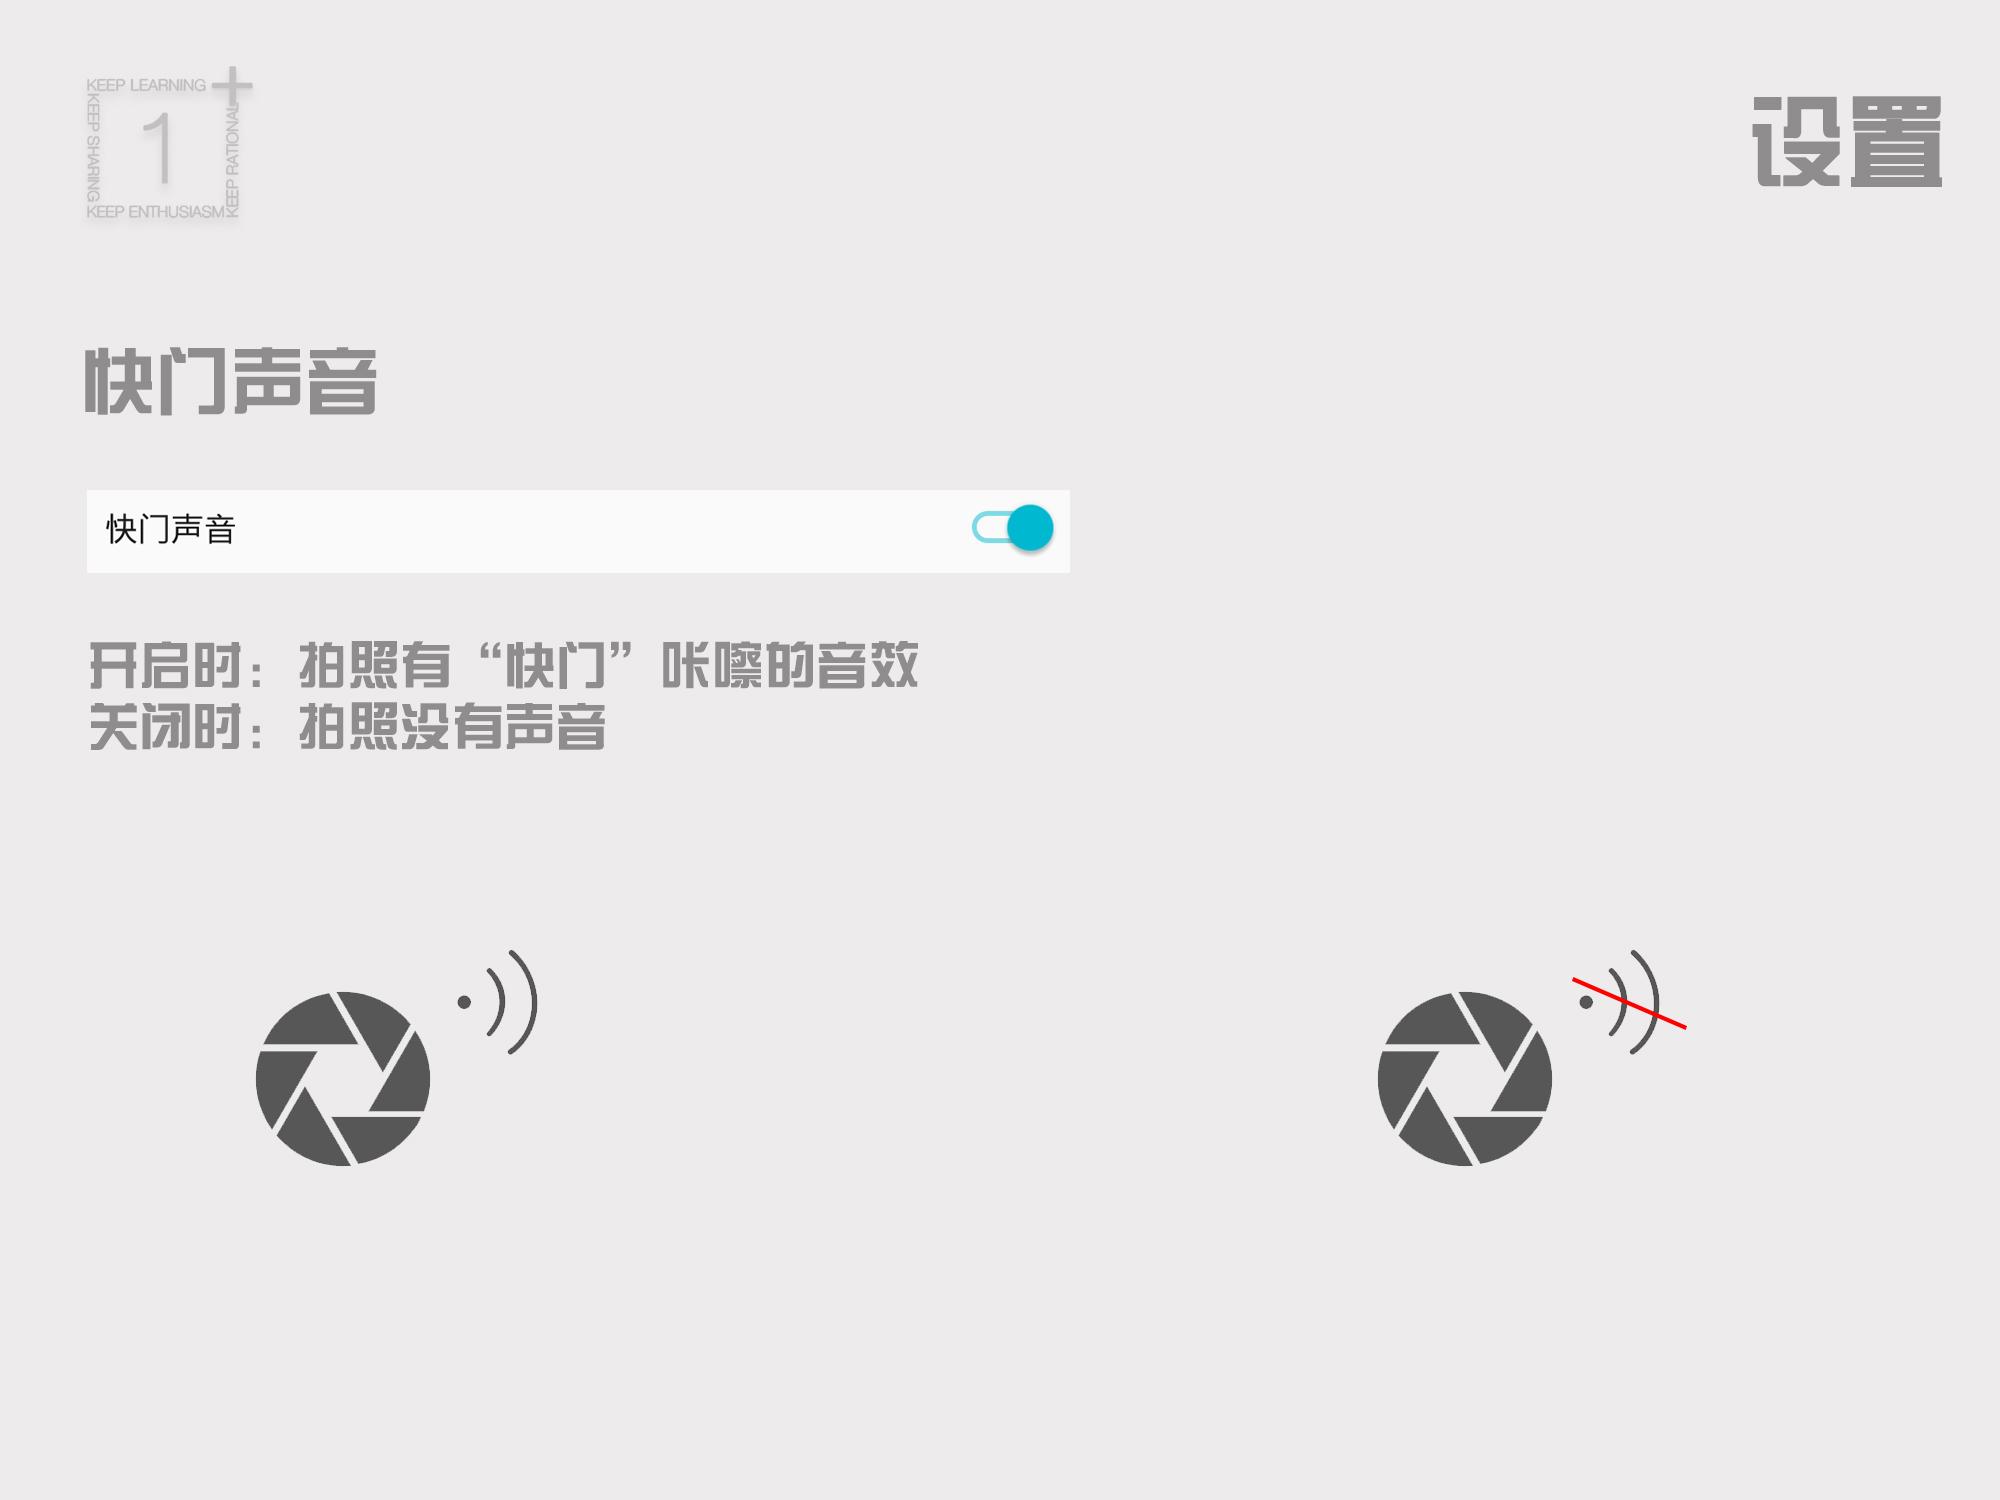 设置-快门声音.jpg